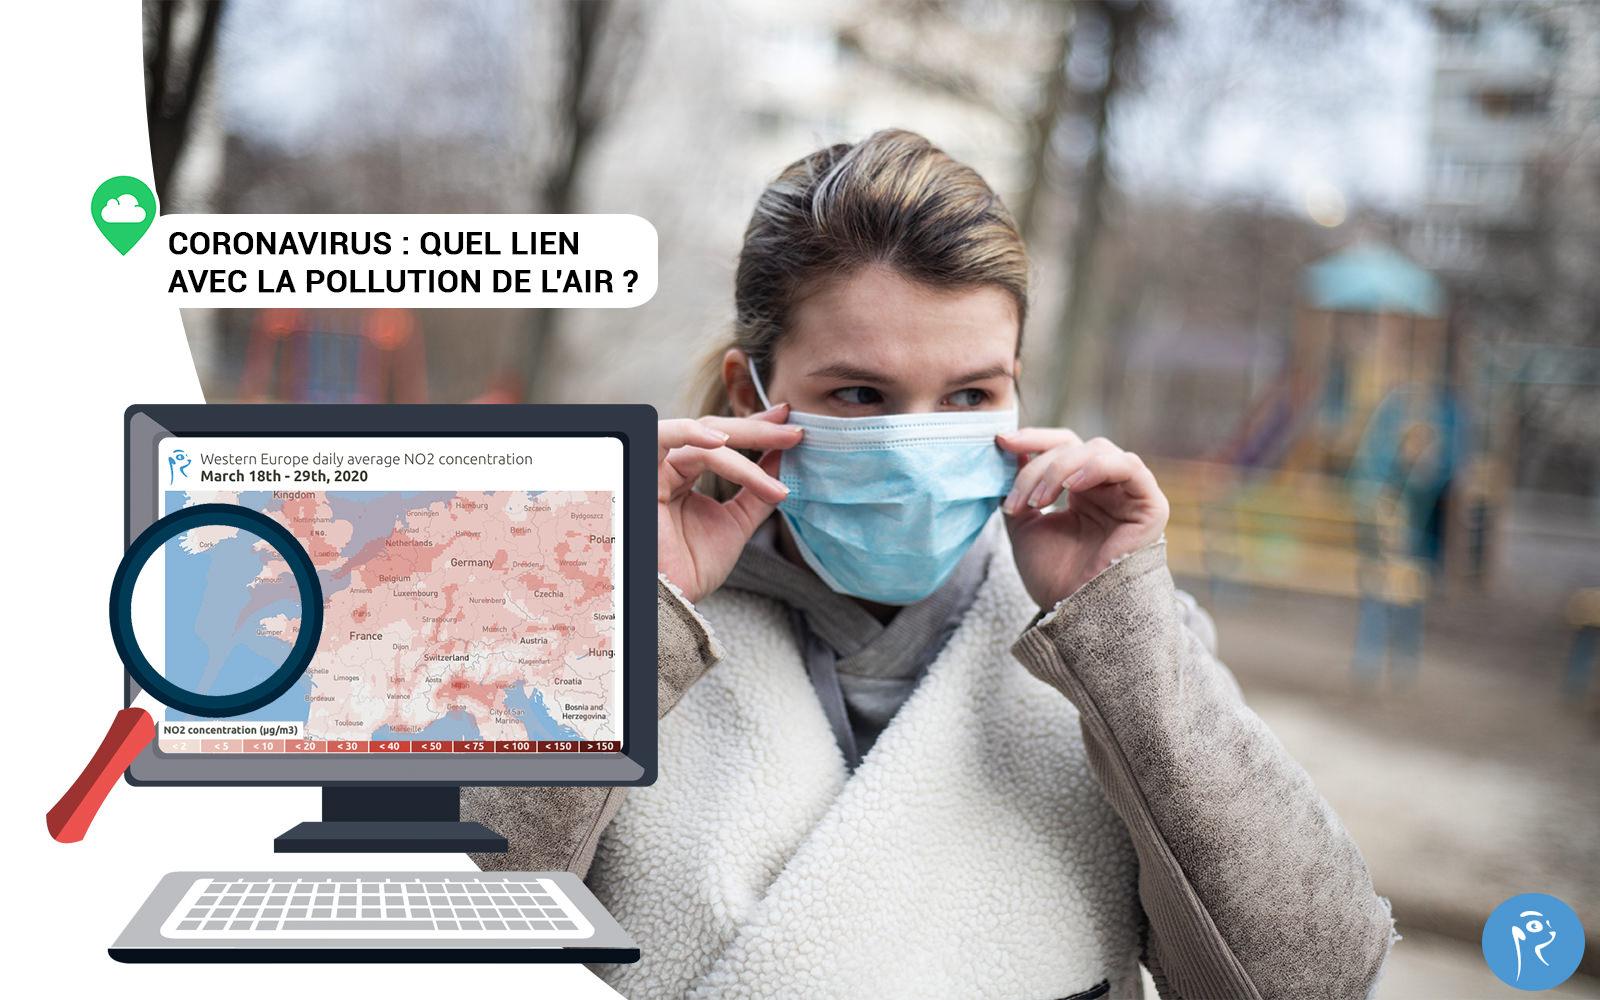 Coronavirus et pollution de l'air, quel lien ?